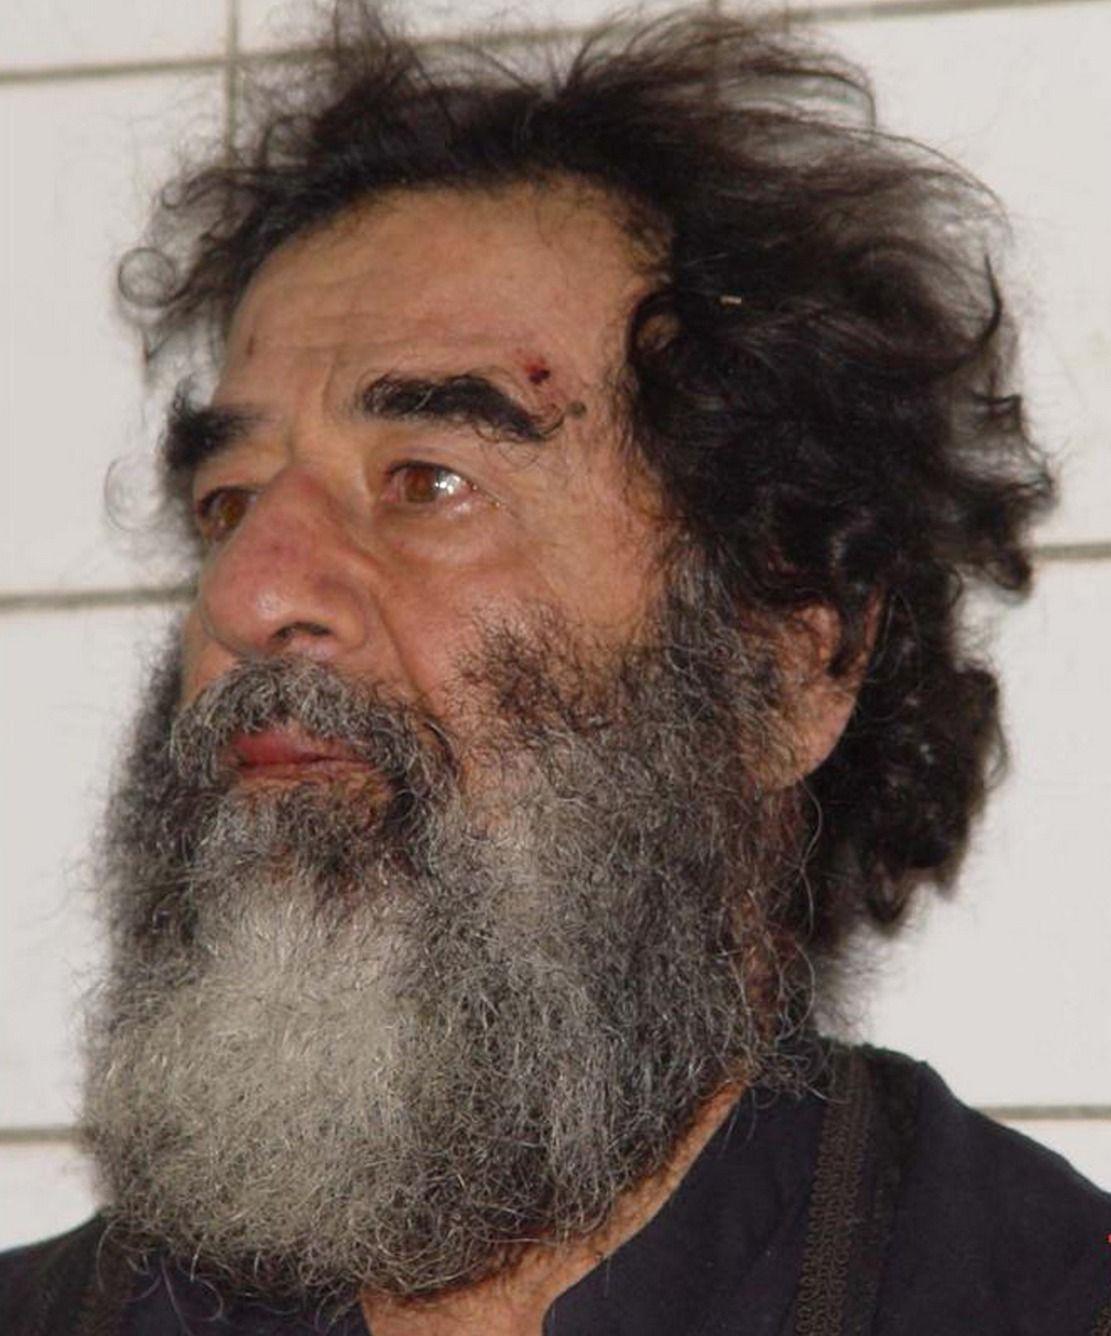 Saddam Hussajn wkrótce po schwytaniu przez amerykańskich żołnierzy w grudniu 2003 roku. Jego synowie nie pozwolili wziąć się żywcem (fot. U.S. Navy, domena publiczna).